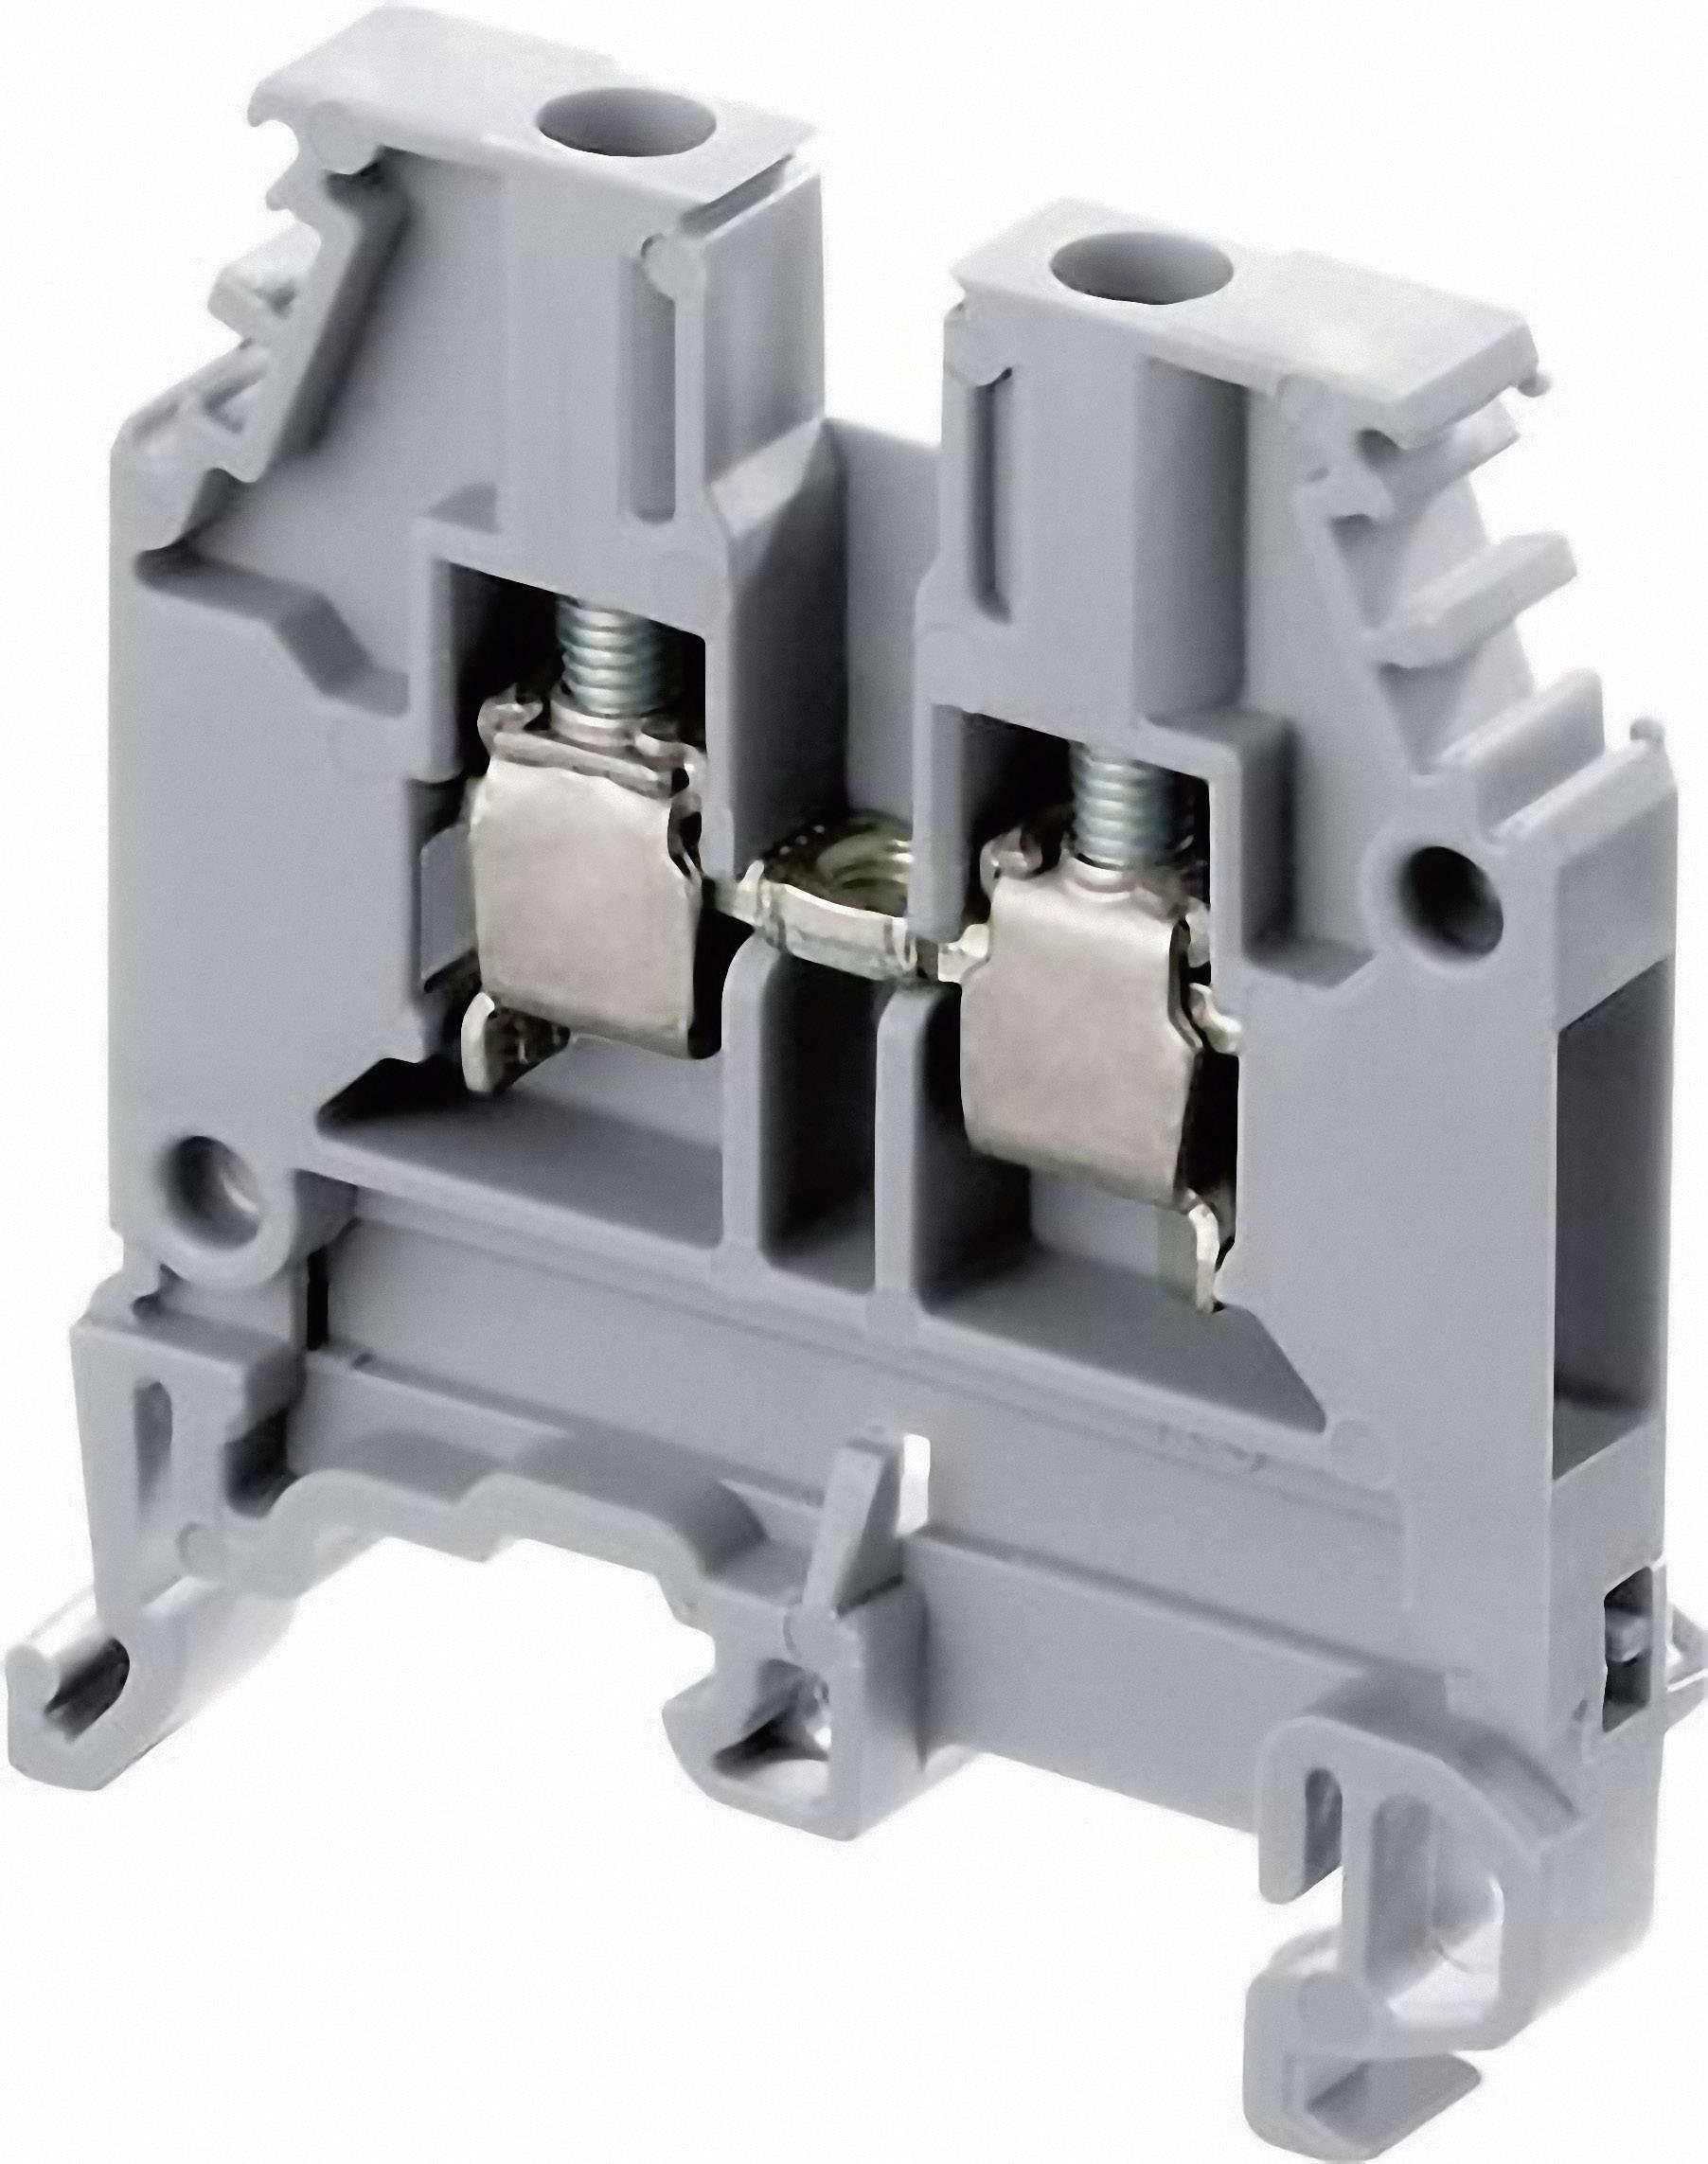 Průchodková svorka ABB 1SNA 125 116 R0100, 6 mm, šroubovací, osazení N, modrá, 1 ks